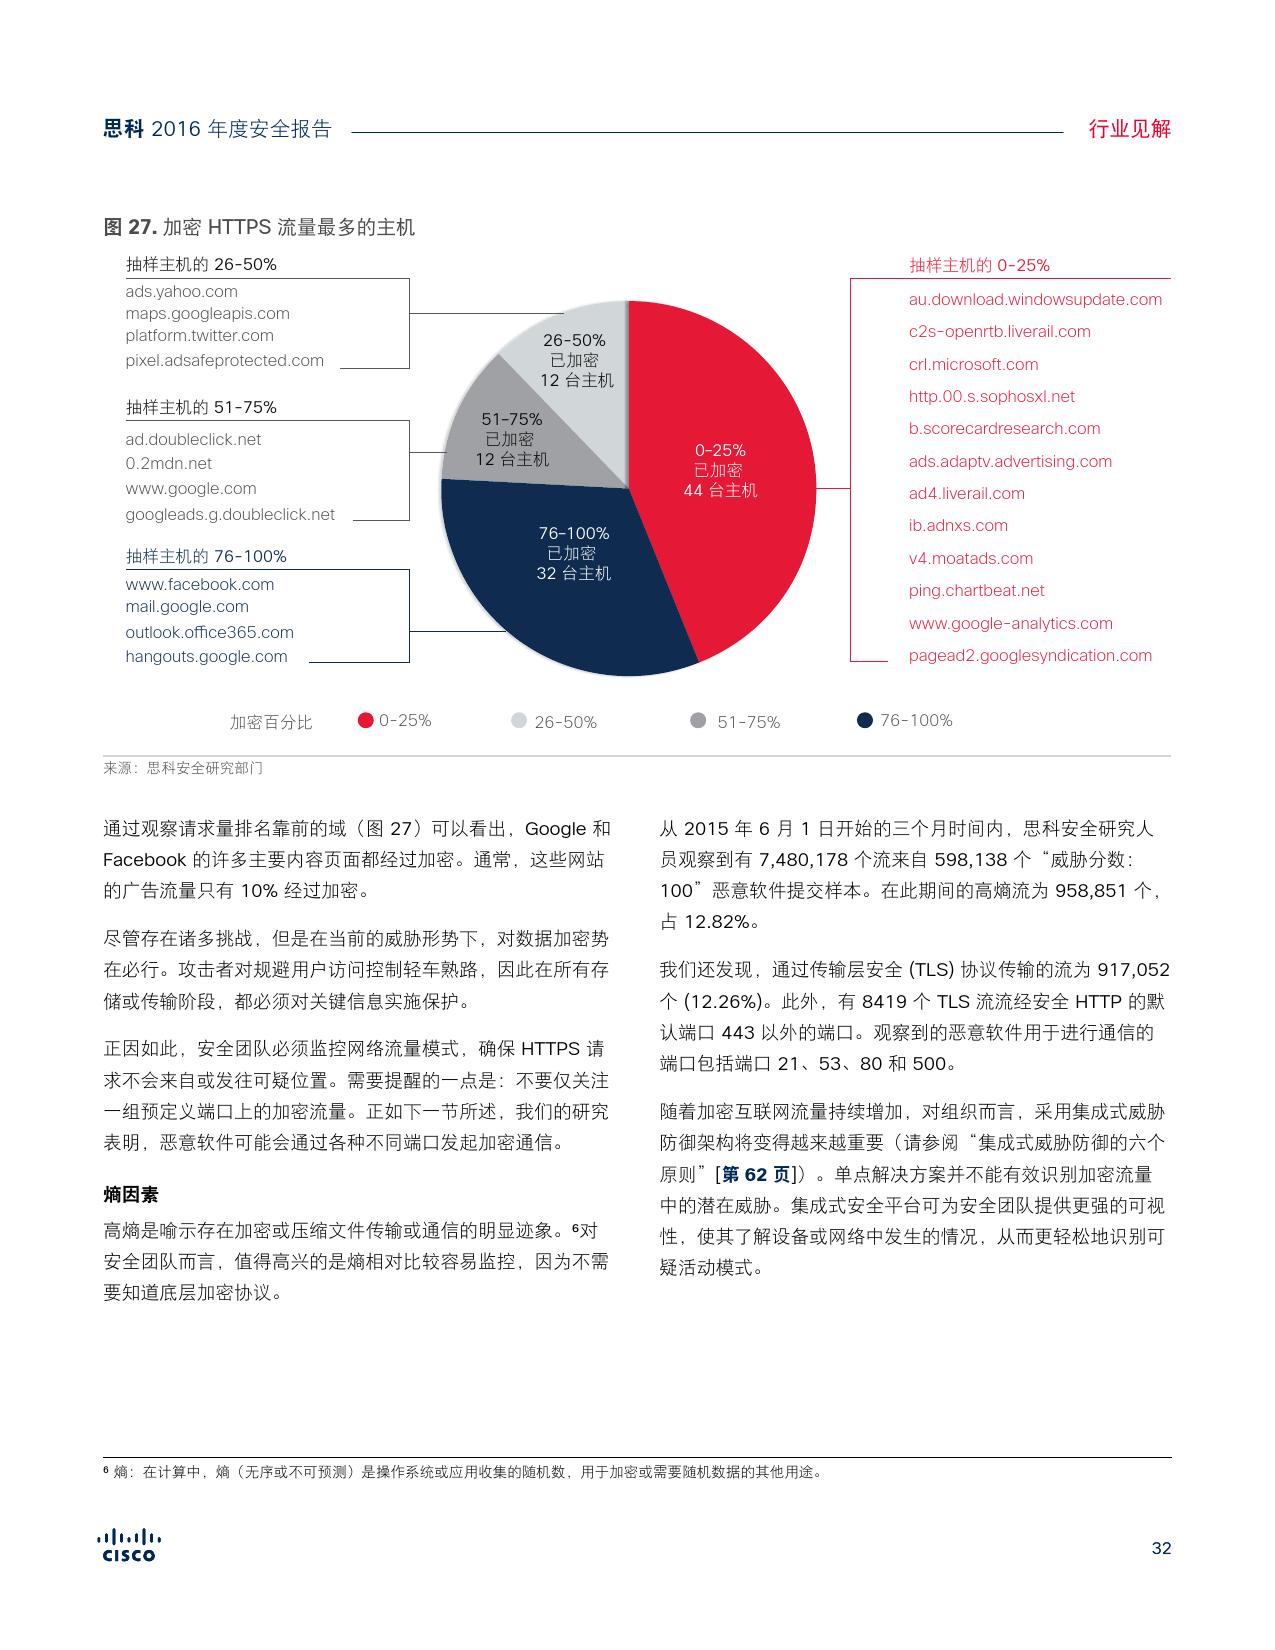 2016年中网络安全报告_000032